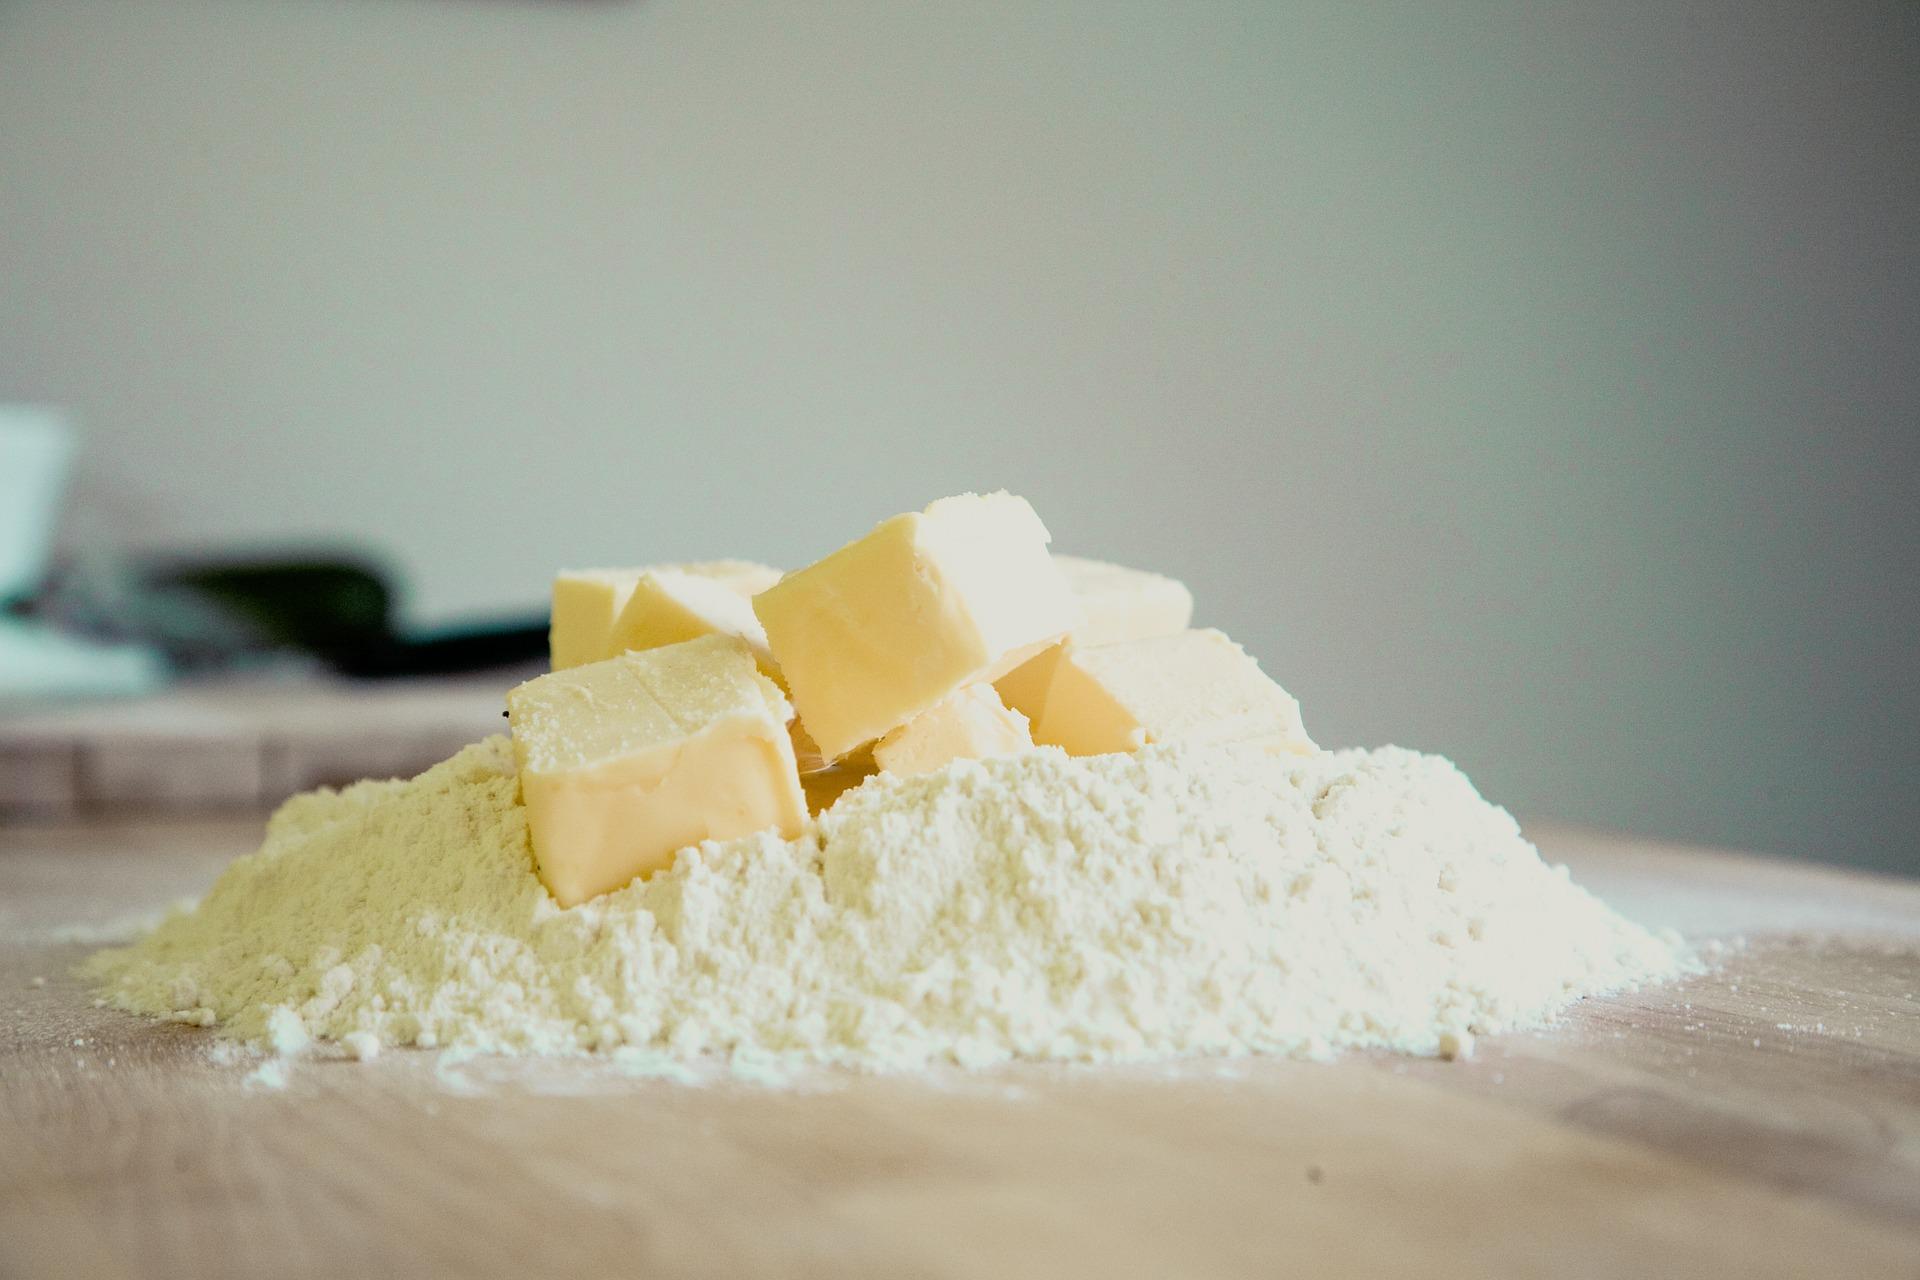 Boží milosti můžete připravit jak z másla, tak třeba z vepřového sádla.